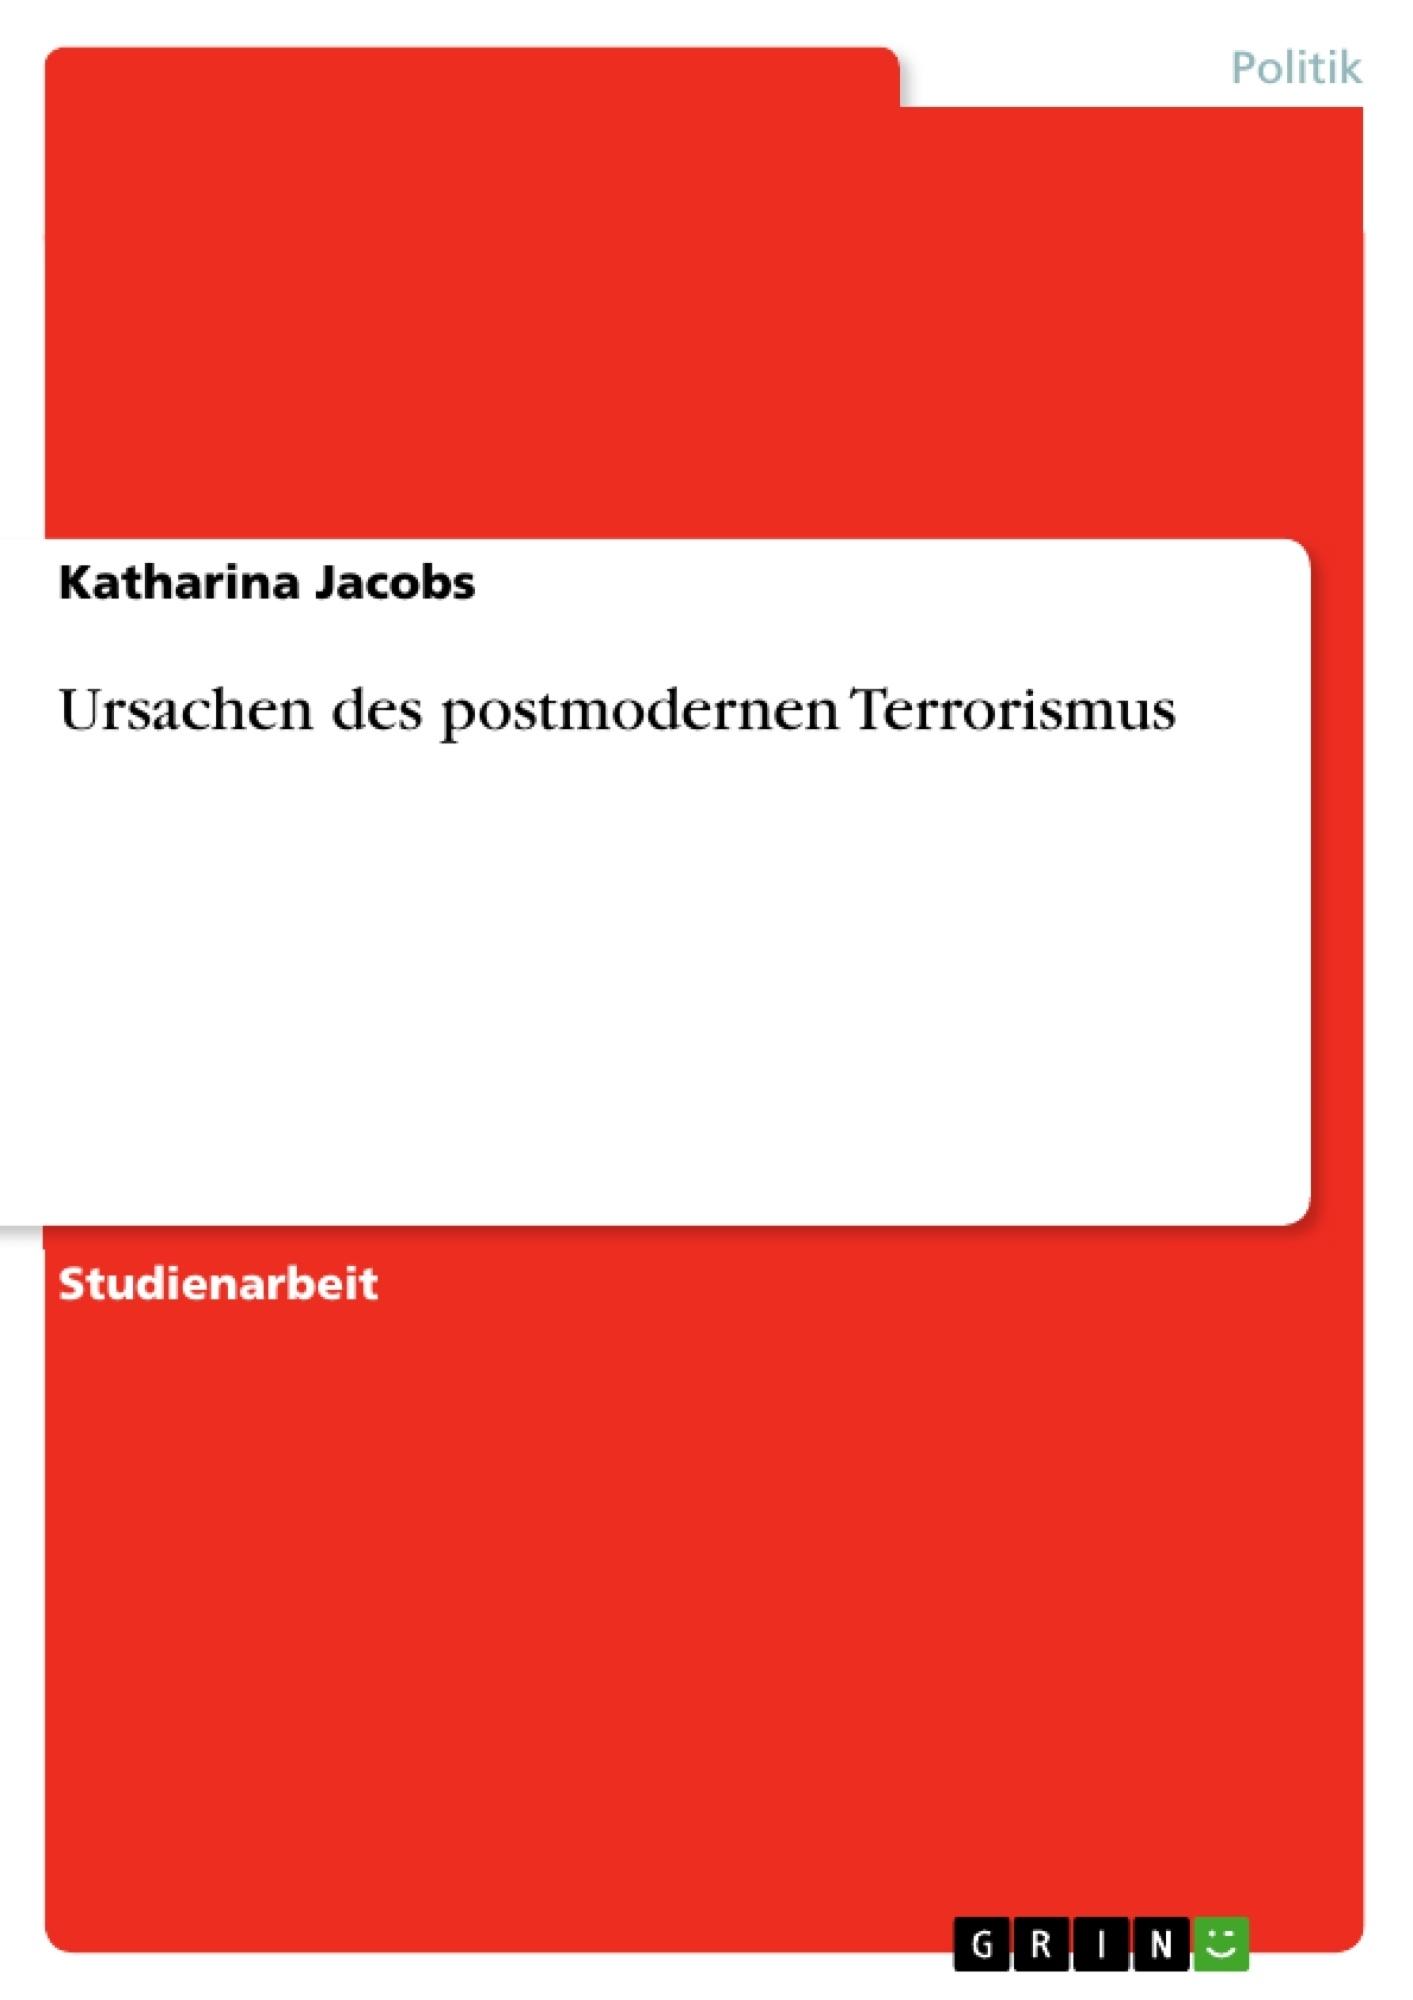 Titel: Ursachen des postmodernen Terrorismus